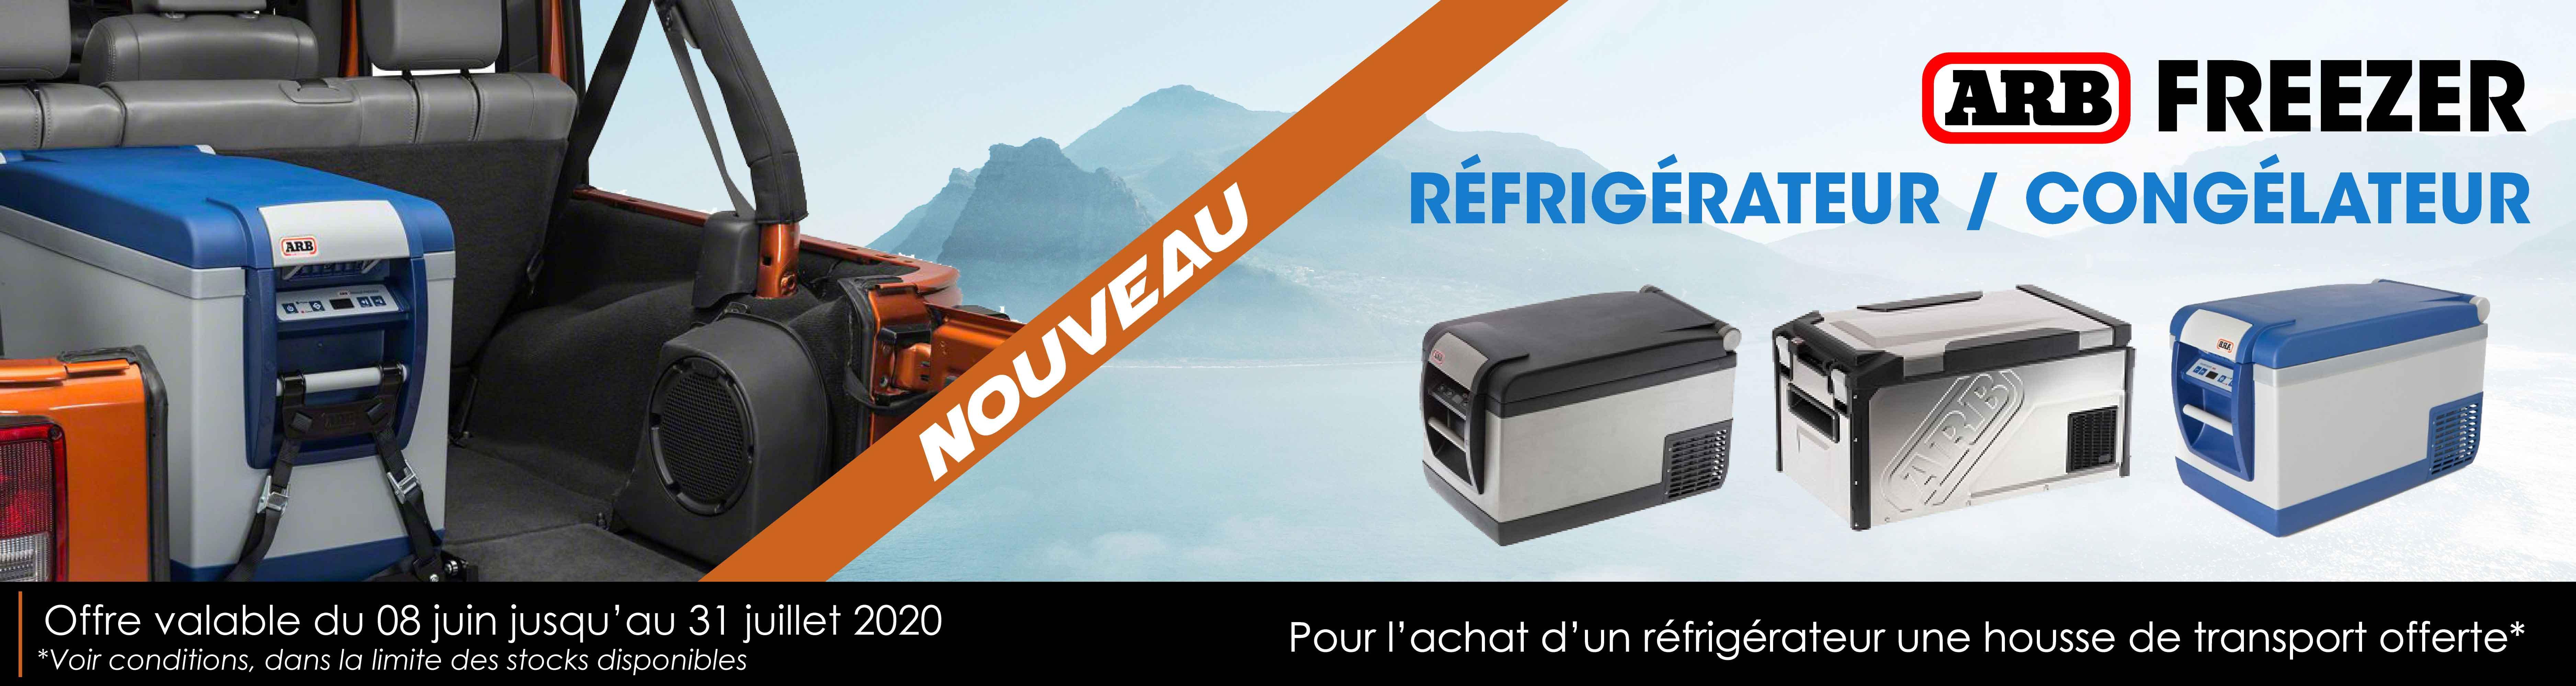 slider-offre-spéciale-réfrigérateurs-congélateur-arb-classic-series-II-elements-freezer